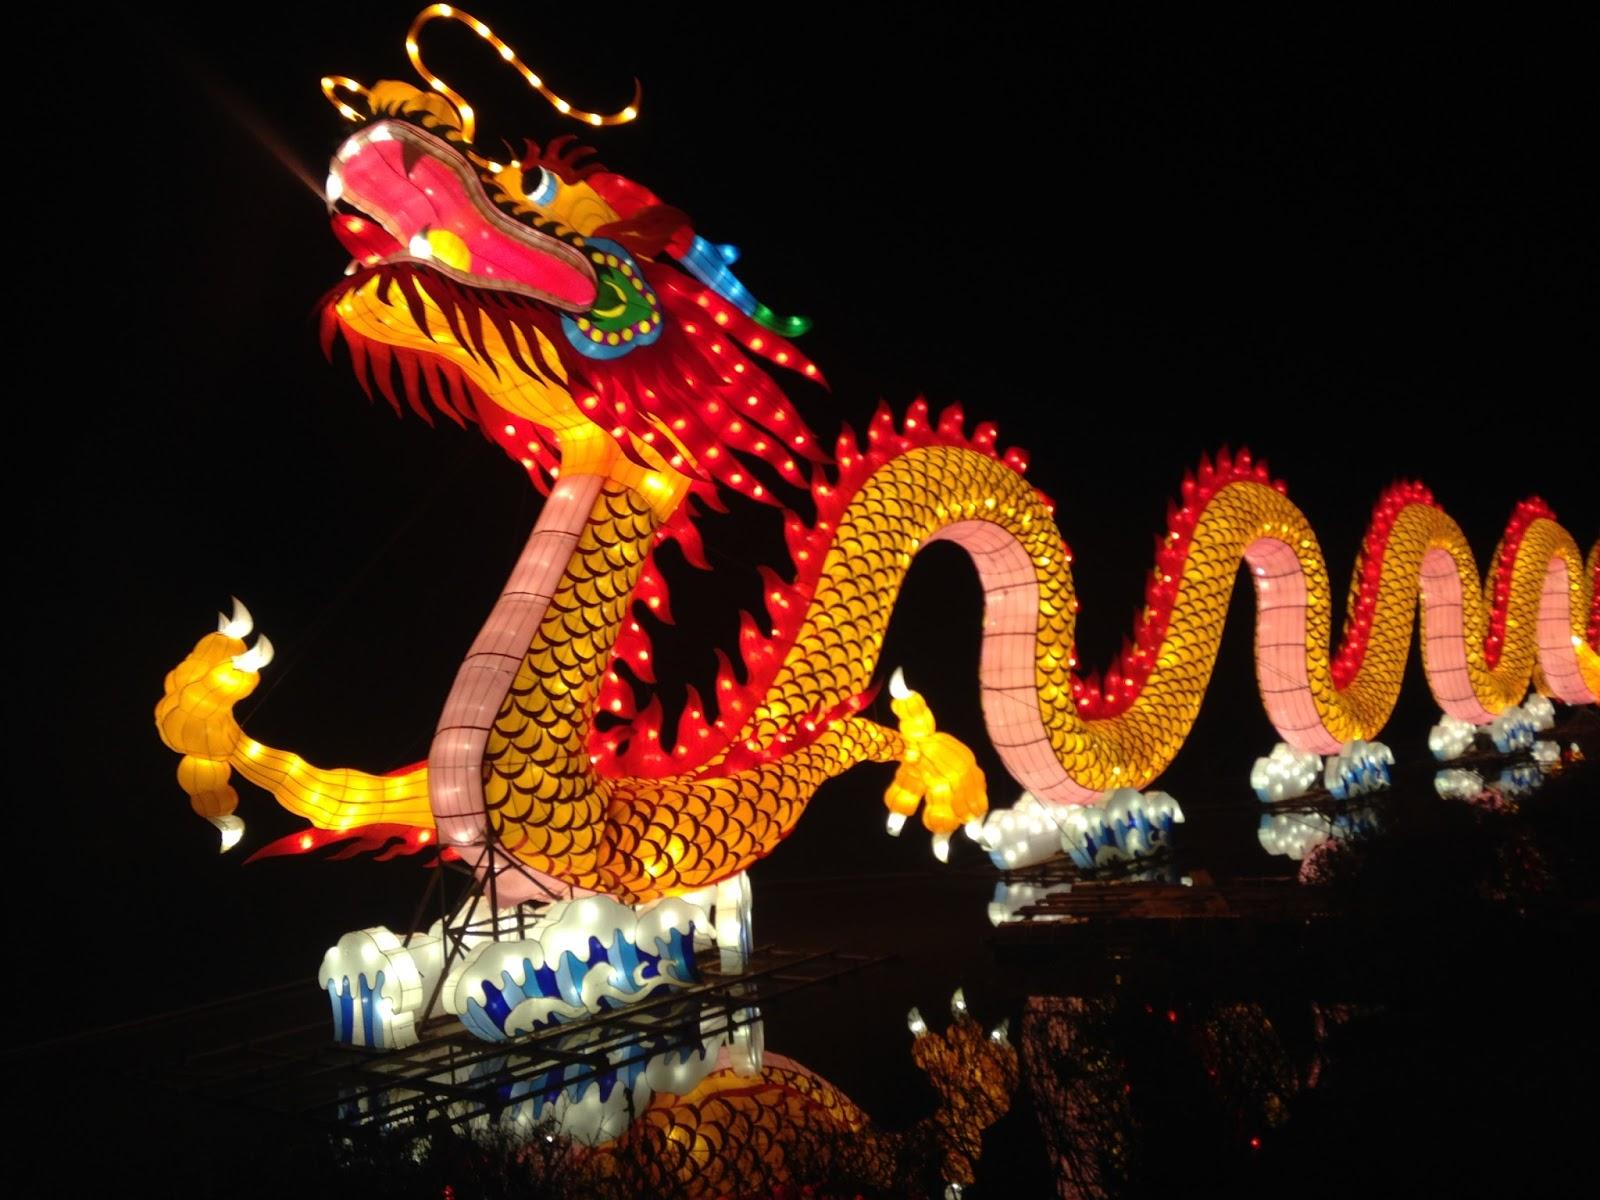 Lake Street Advisors Group LLC Buys Shares of 5009 China Mobile (CHL)